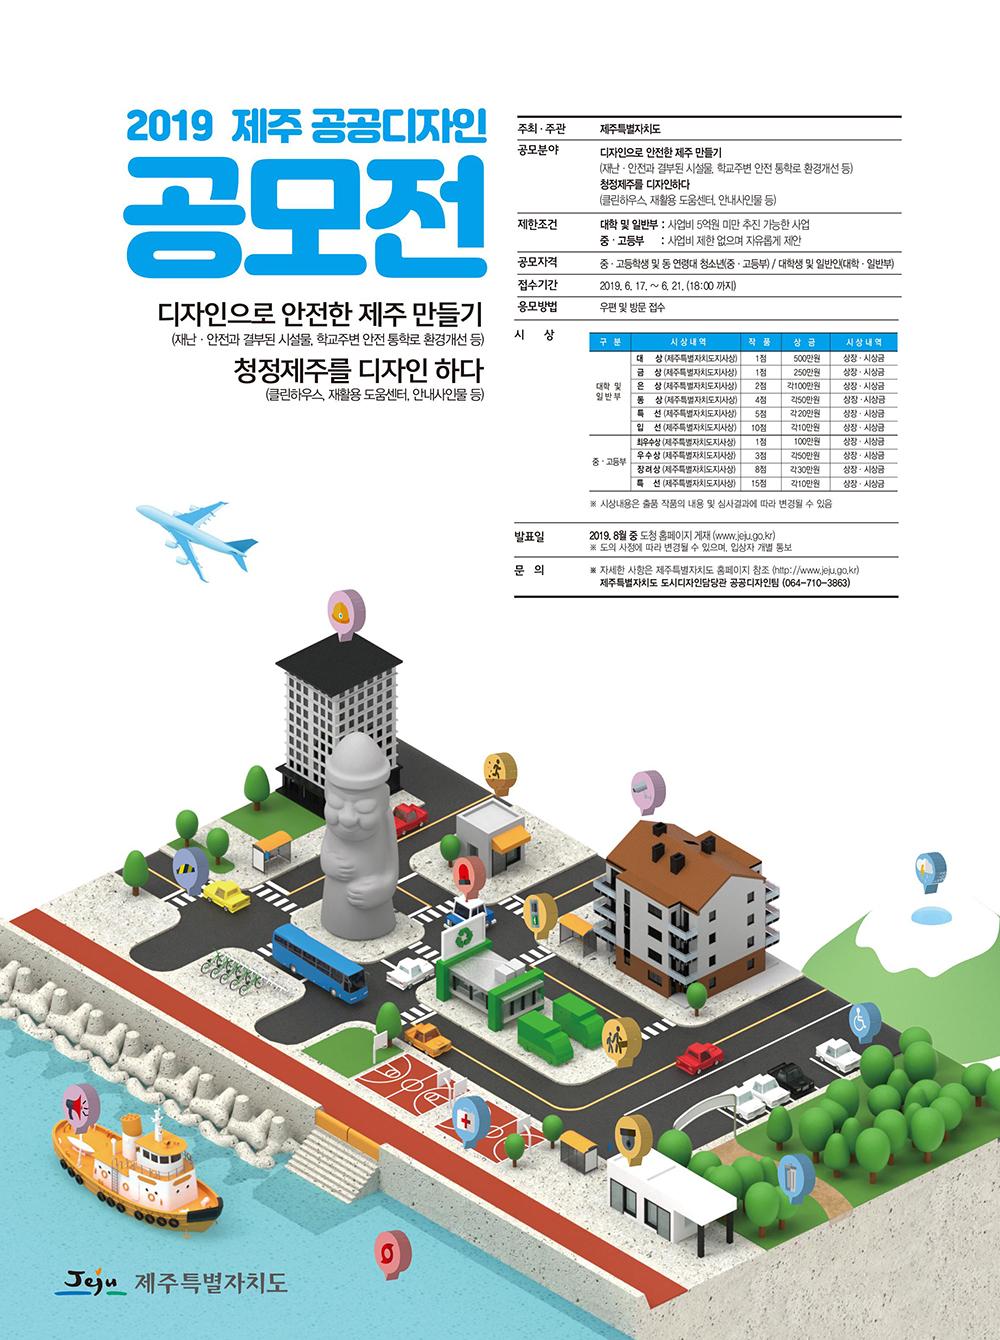 제9회 공공디자인 공모전 포스터.jpg